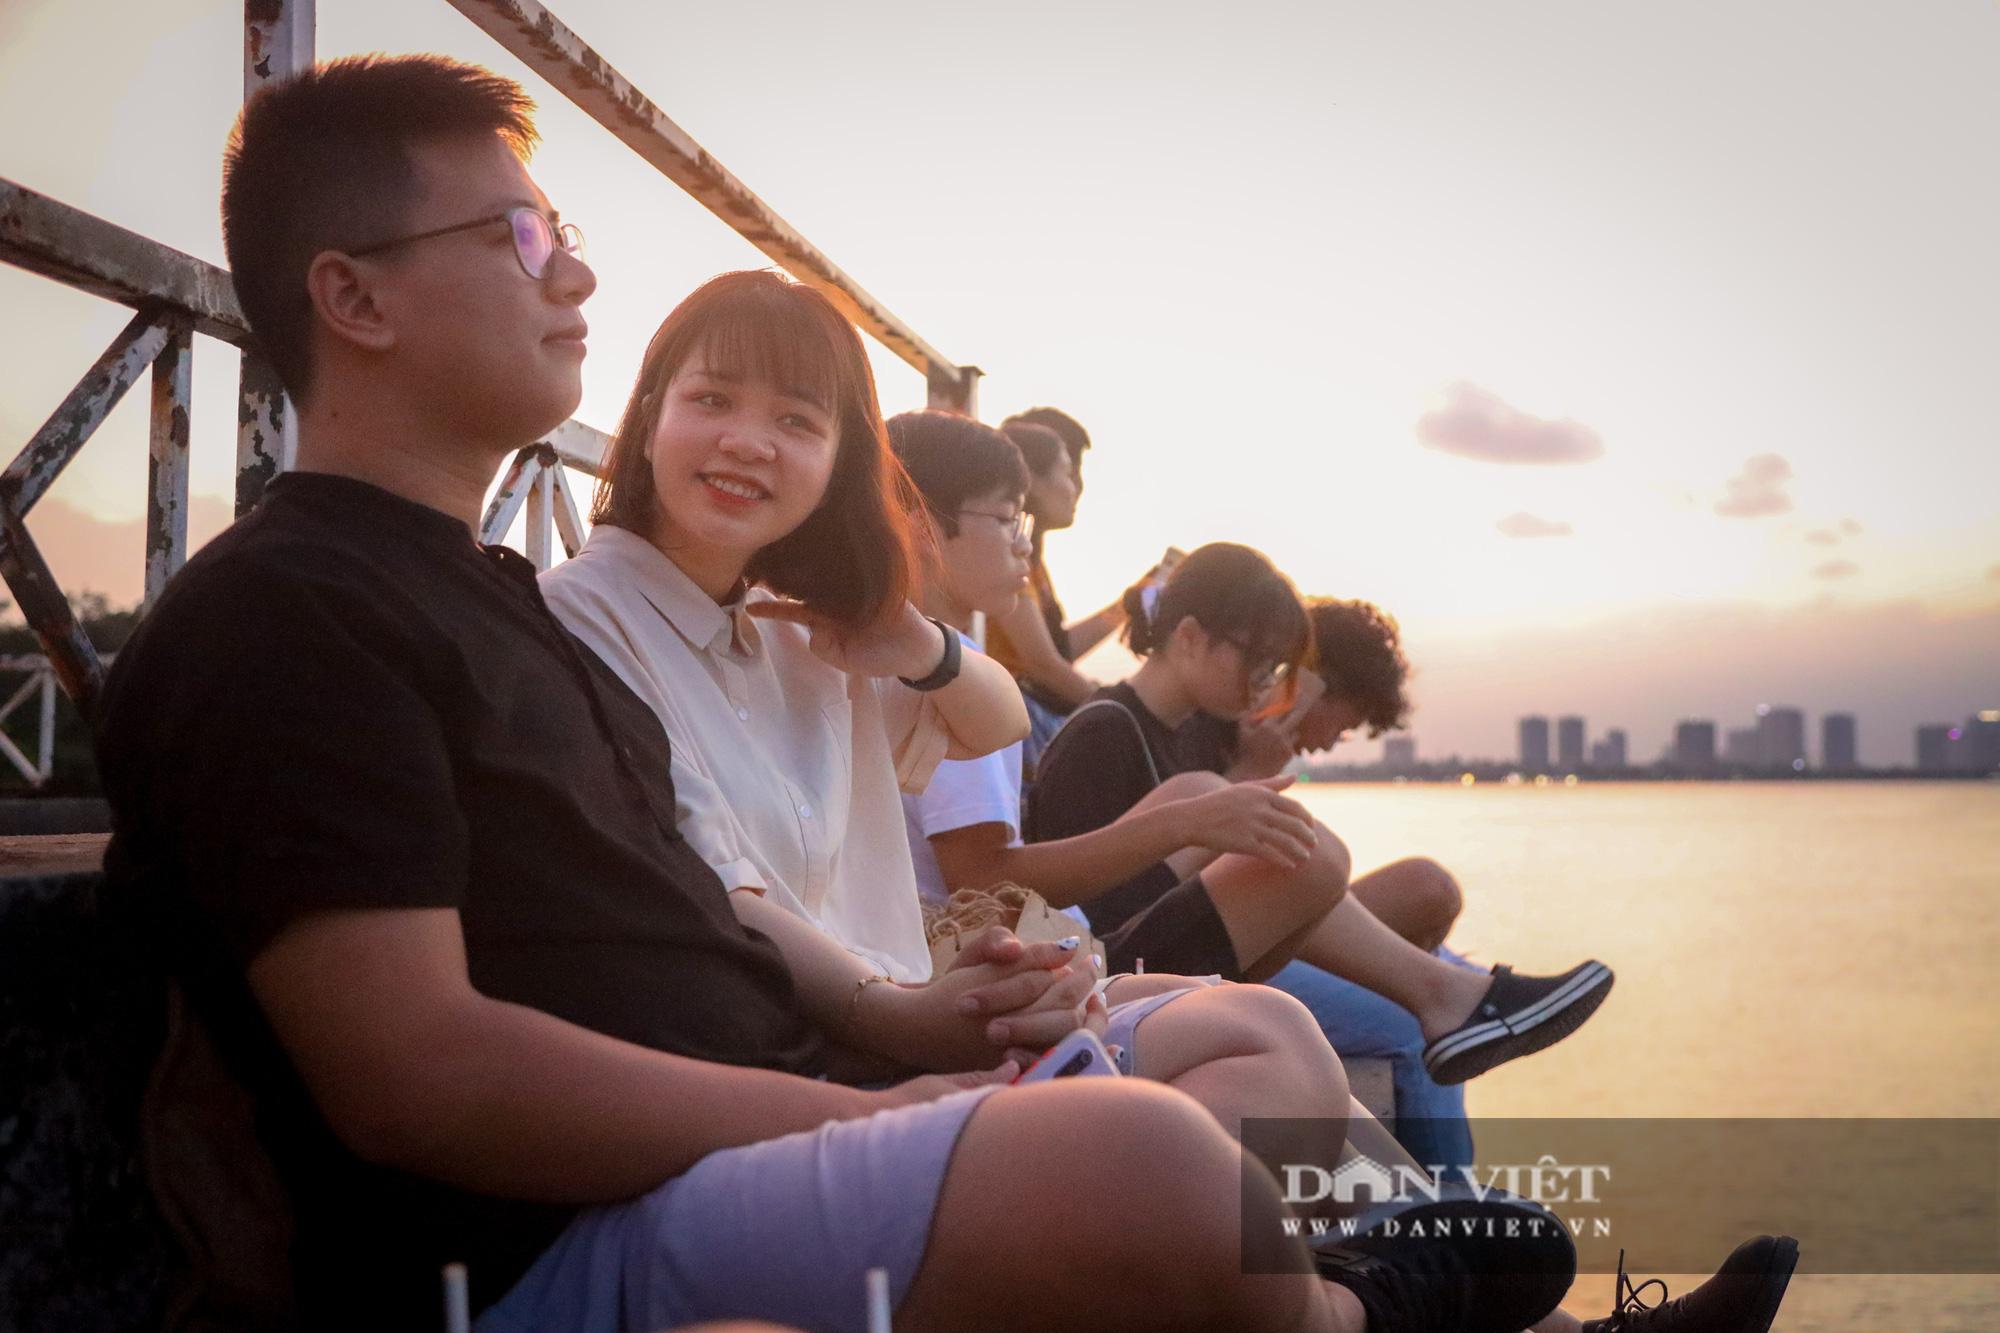 Chiêm ngưỡng hoàng hôn đẹp như mơ từ ga thủy phi cơ bỏ hoang ở Hà Nội - Ảnh 9.